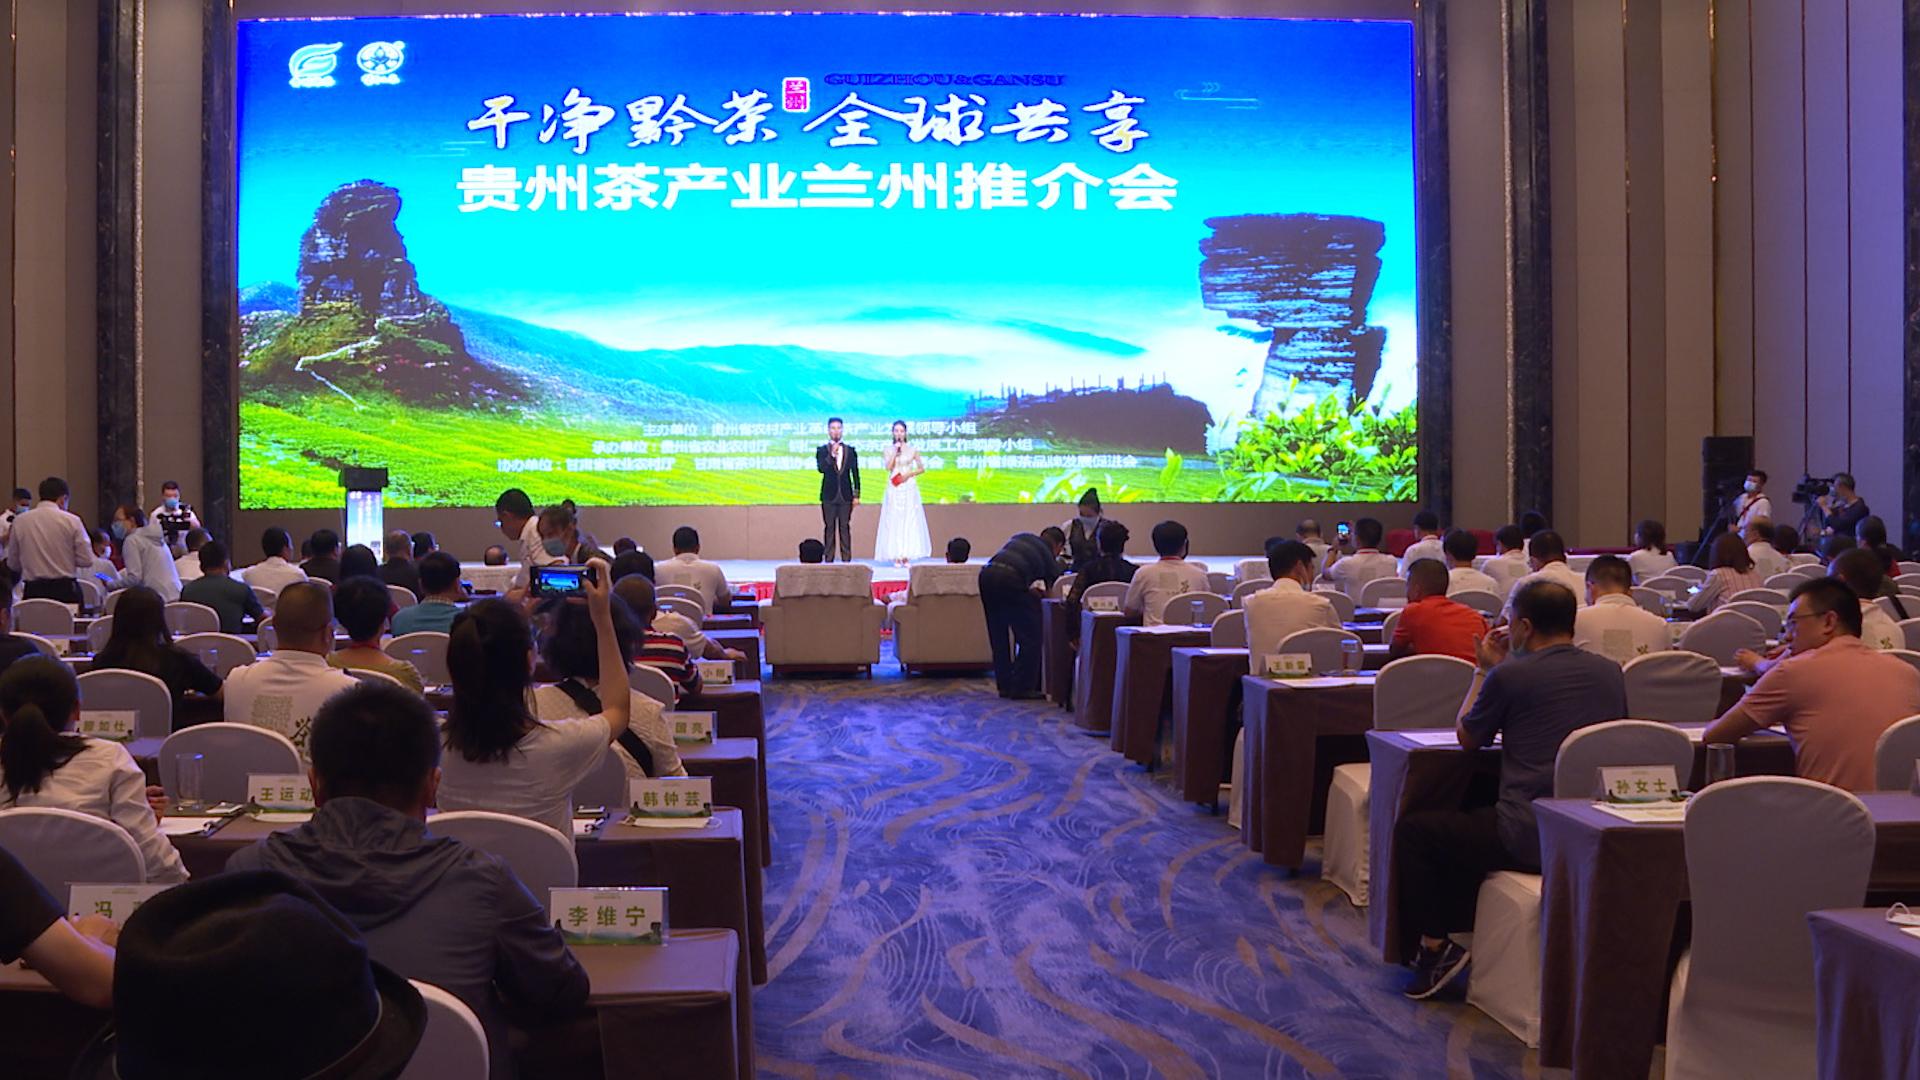 贵州茶产业兰州推介会成功举办,签约资金超5亿元